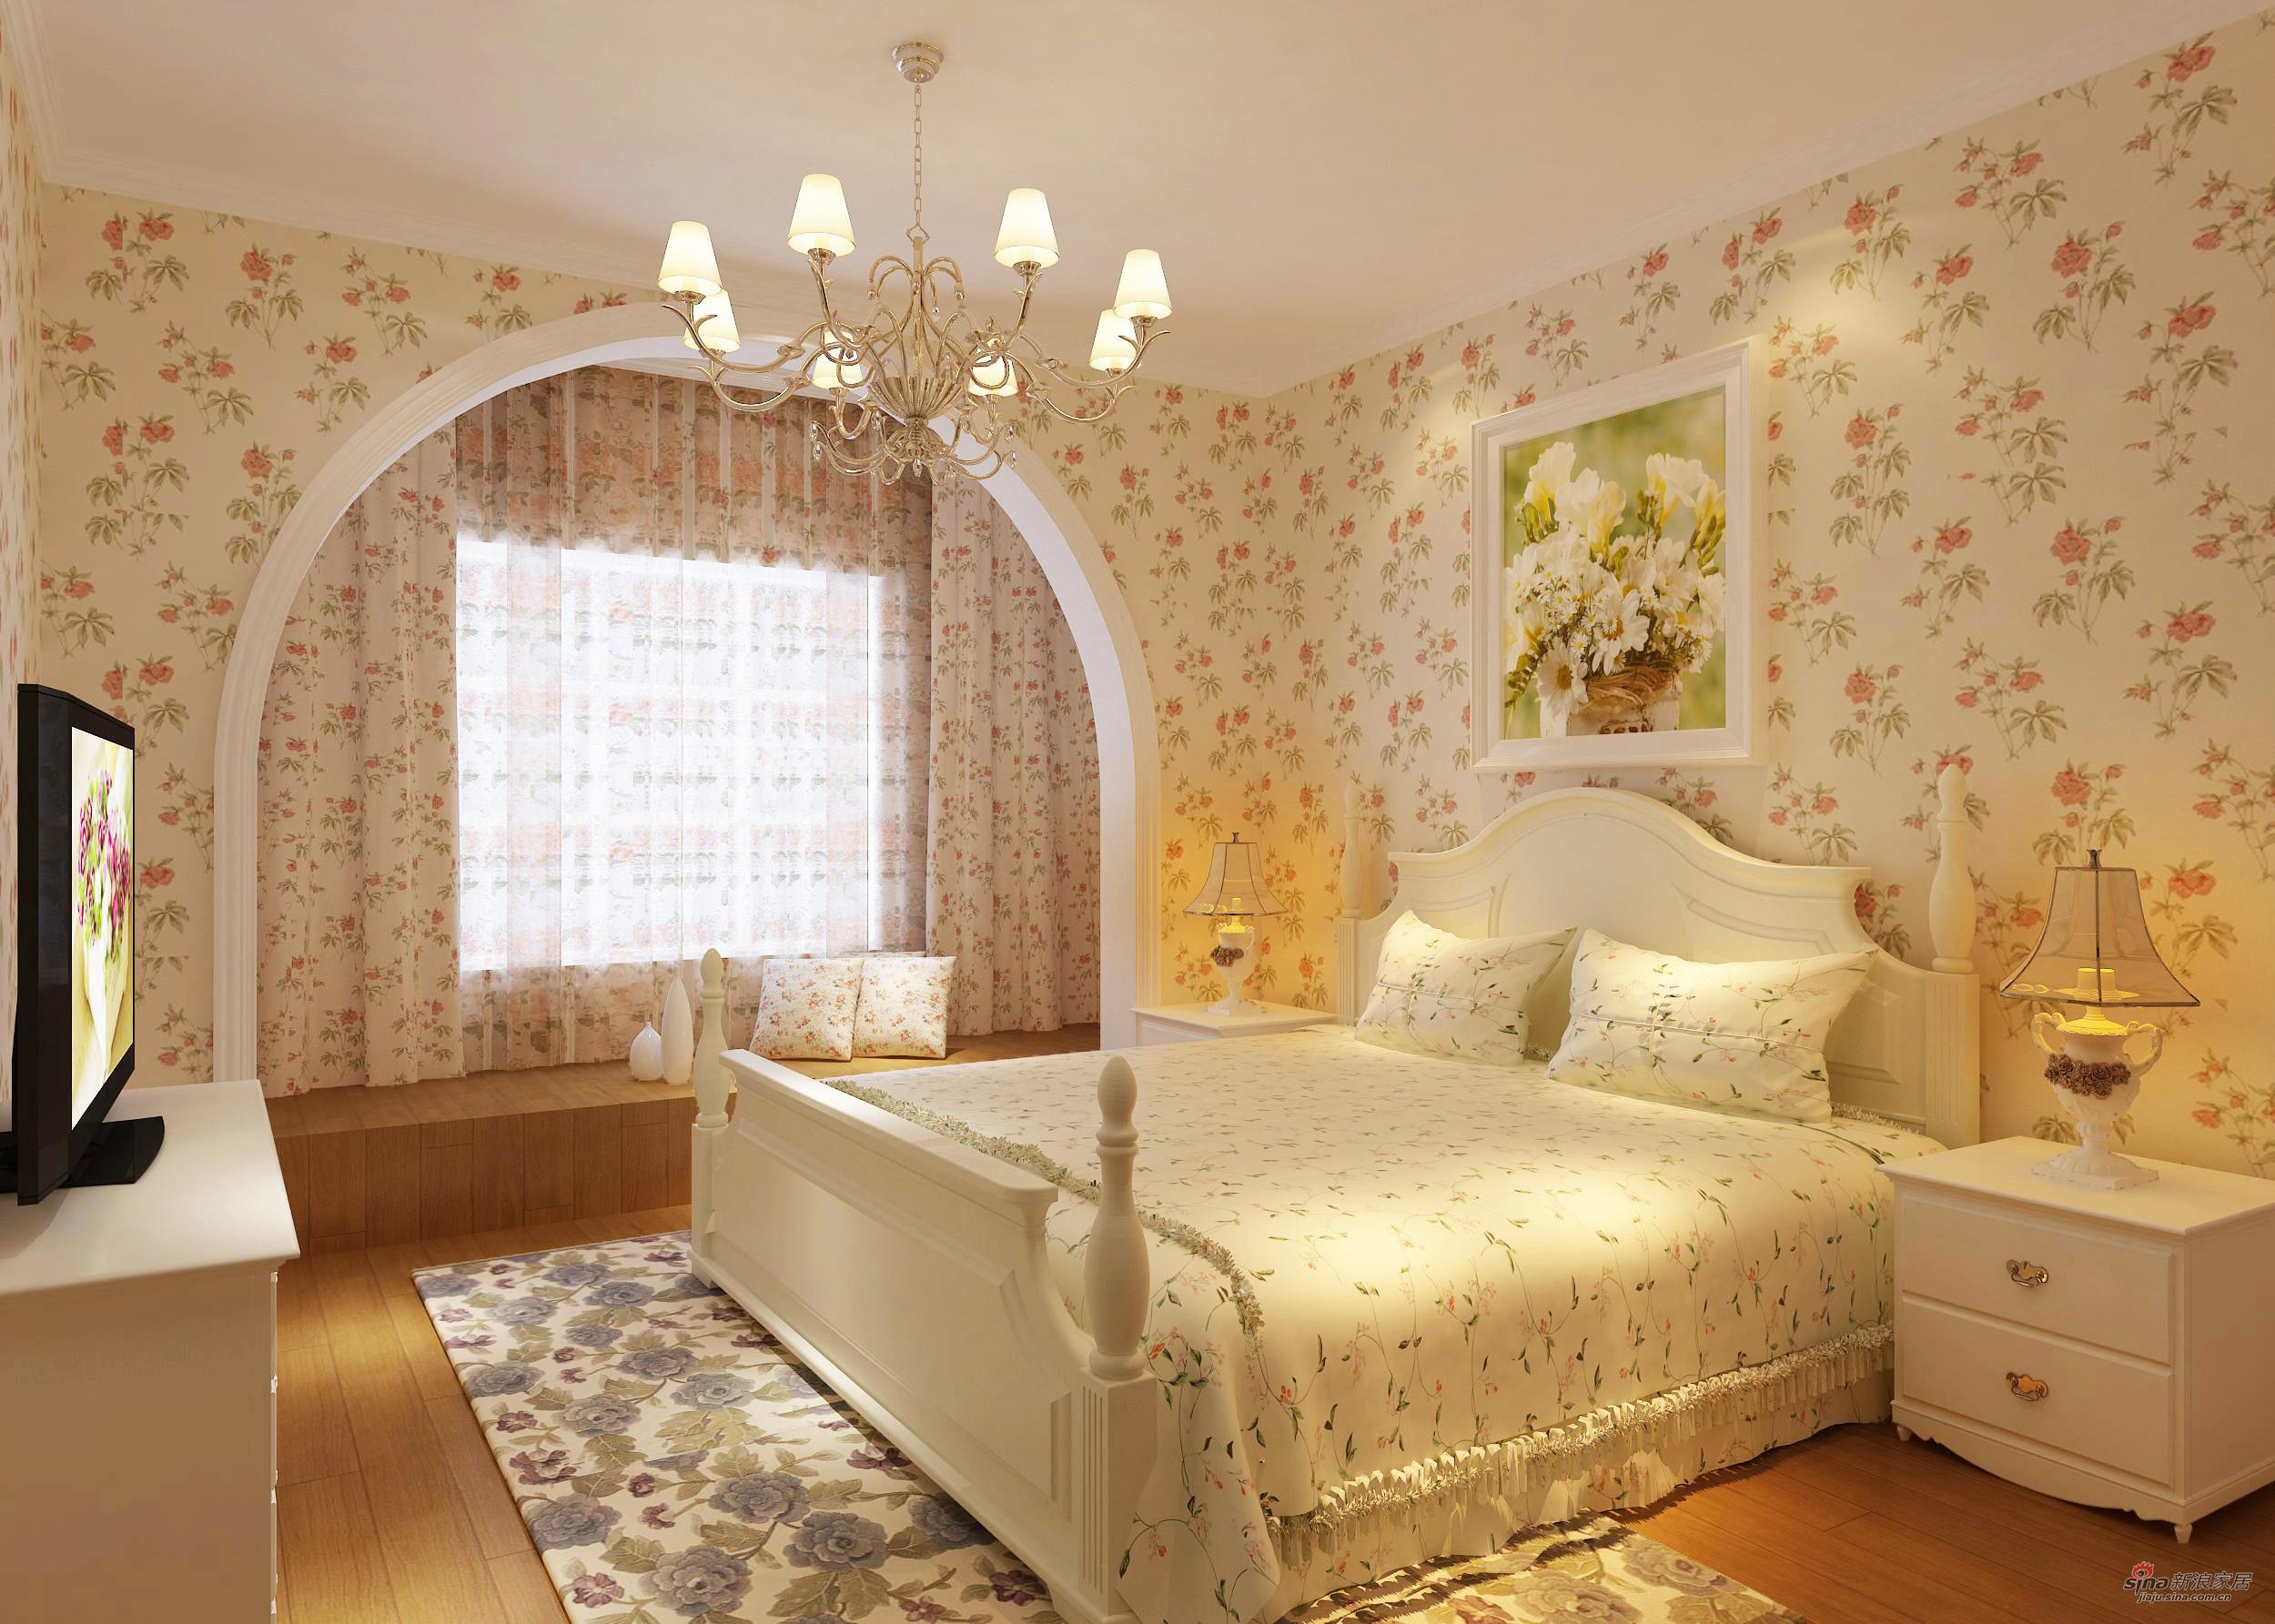 田园 一居 卧室图片来自用户2557006183在小一居的田园风格欣赏61的分享